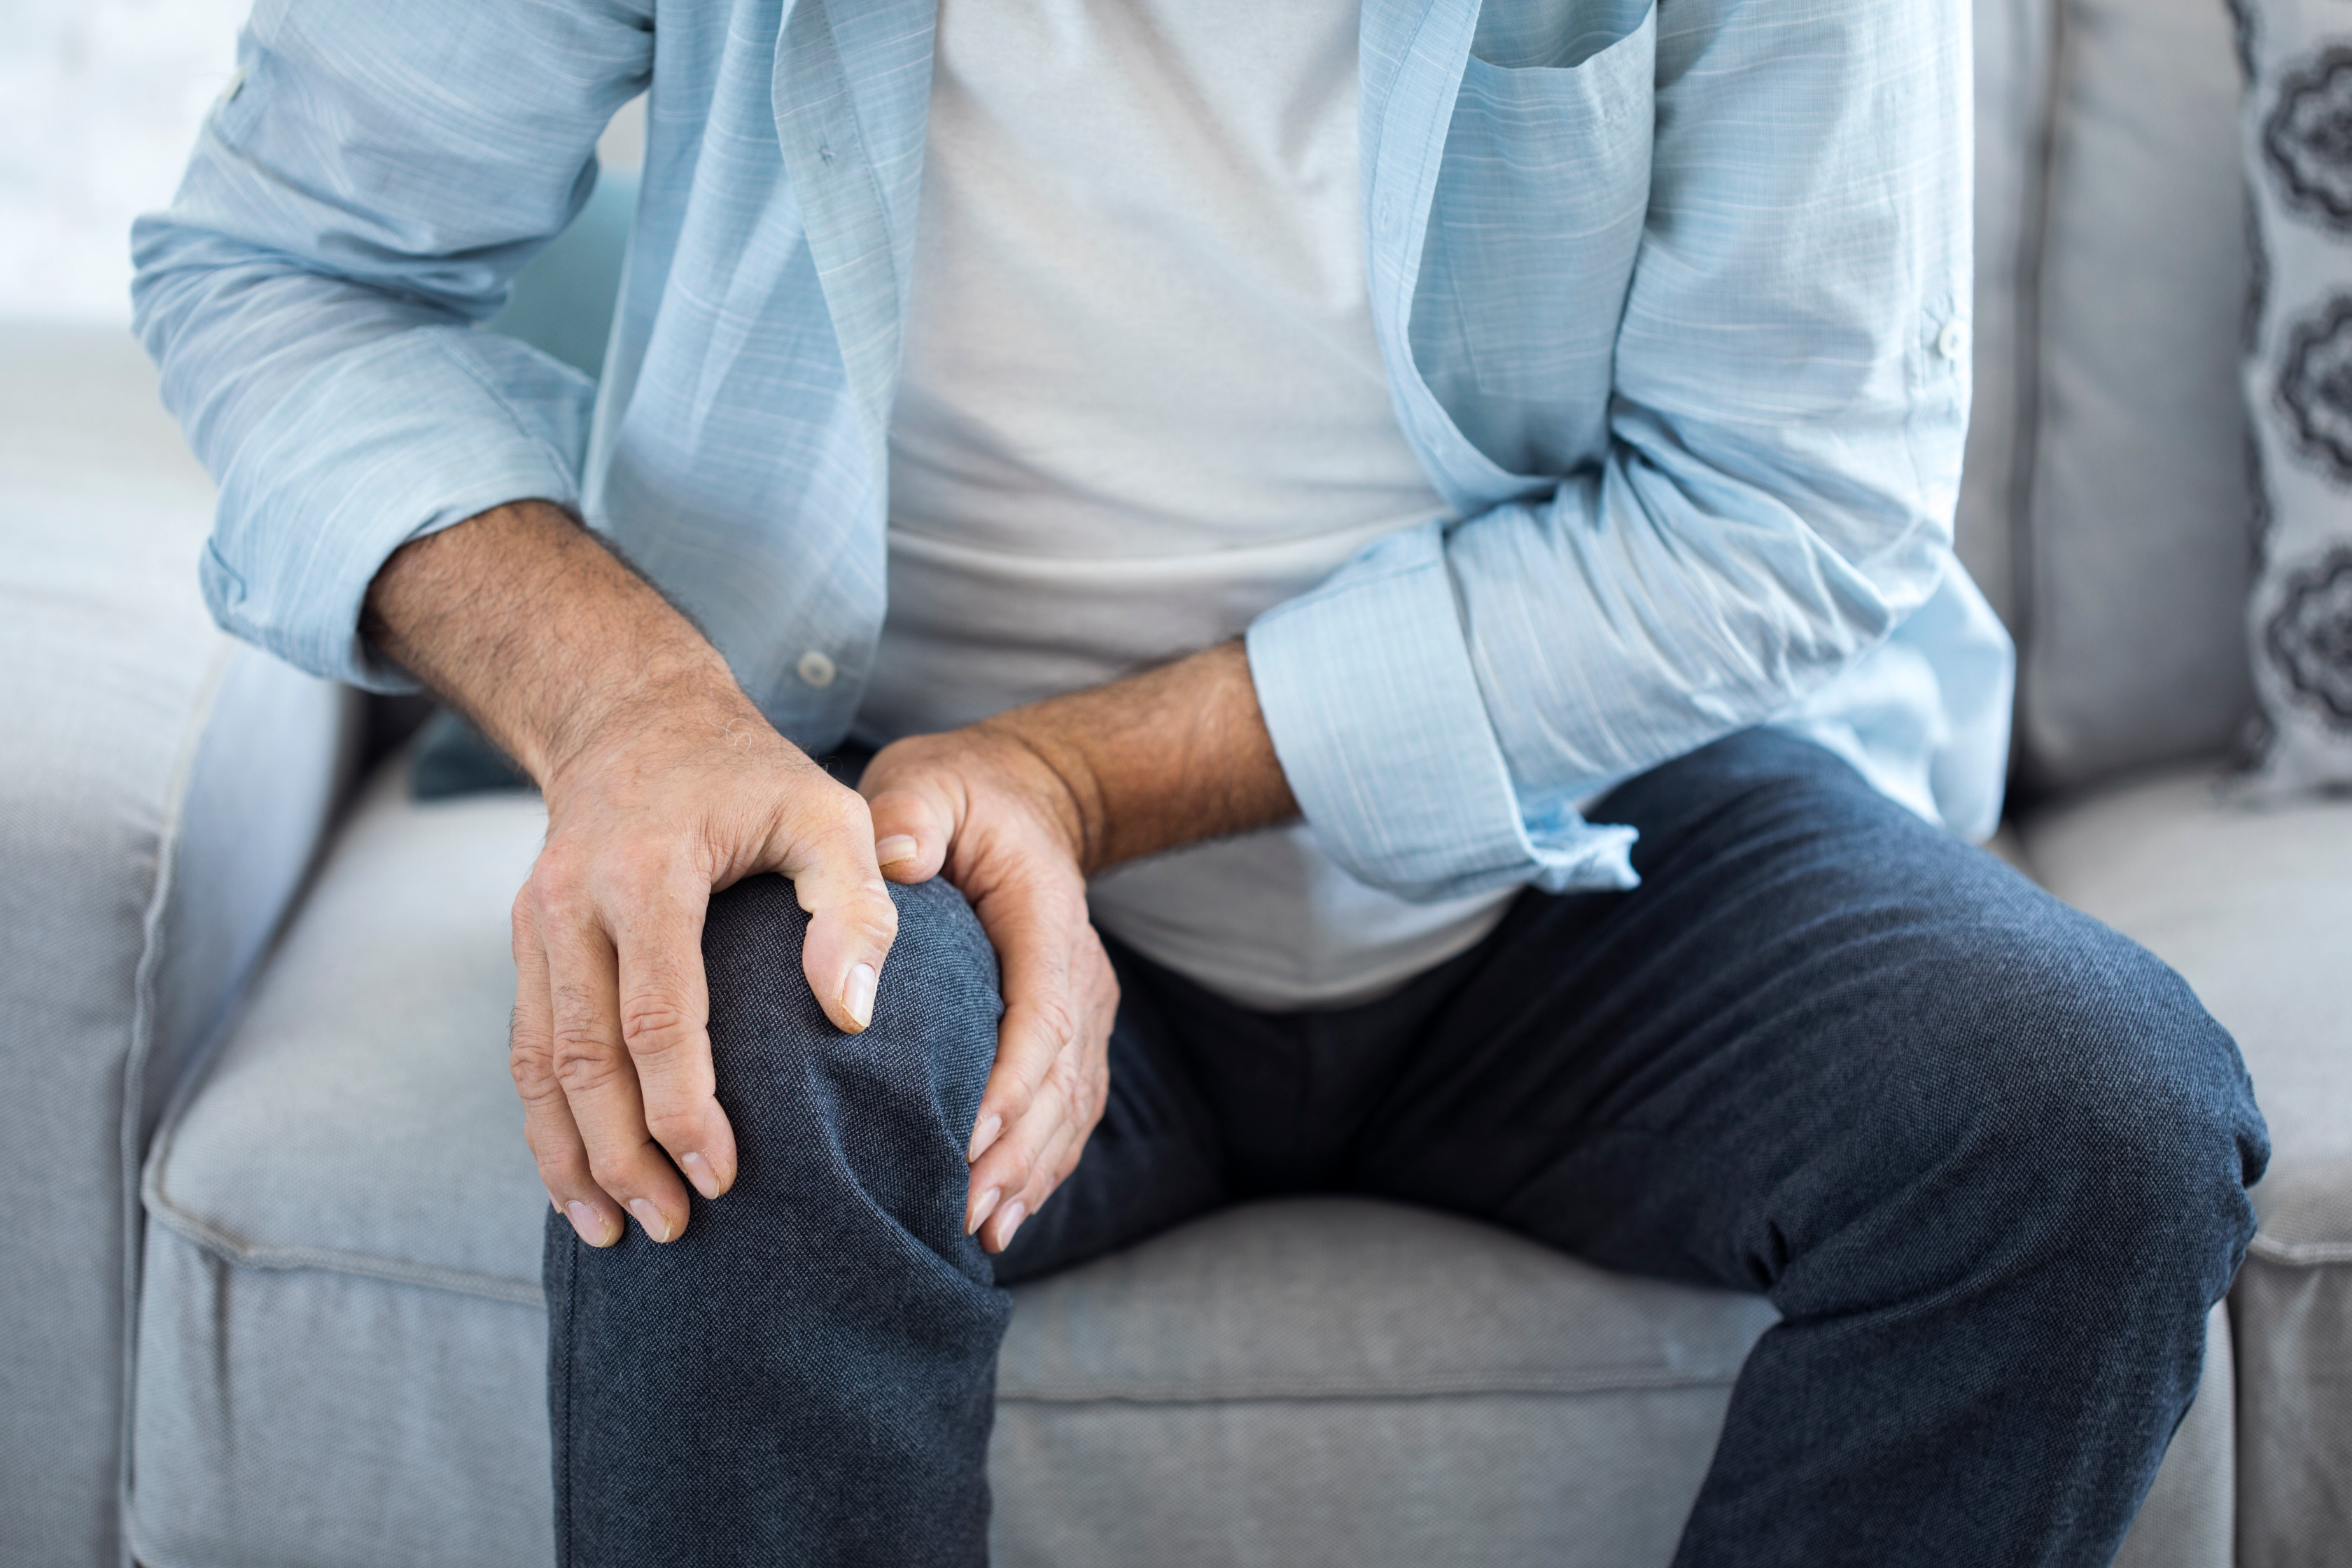 ízületek nyikorgó fájdalom együttes gyógyszer chondroitin